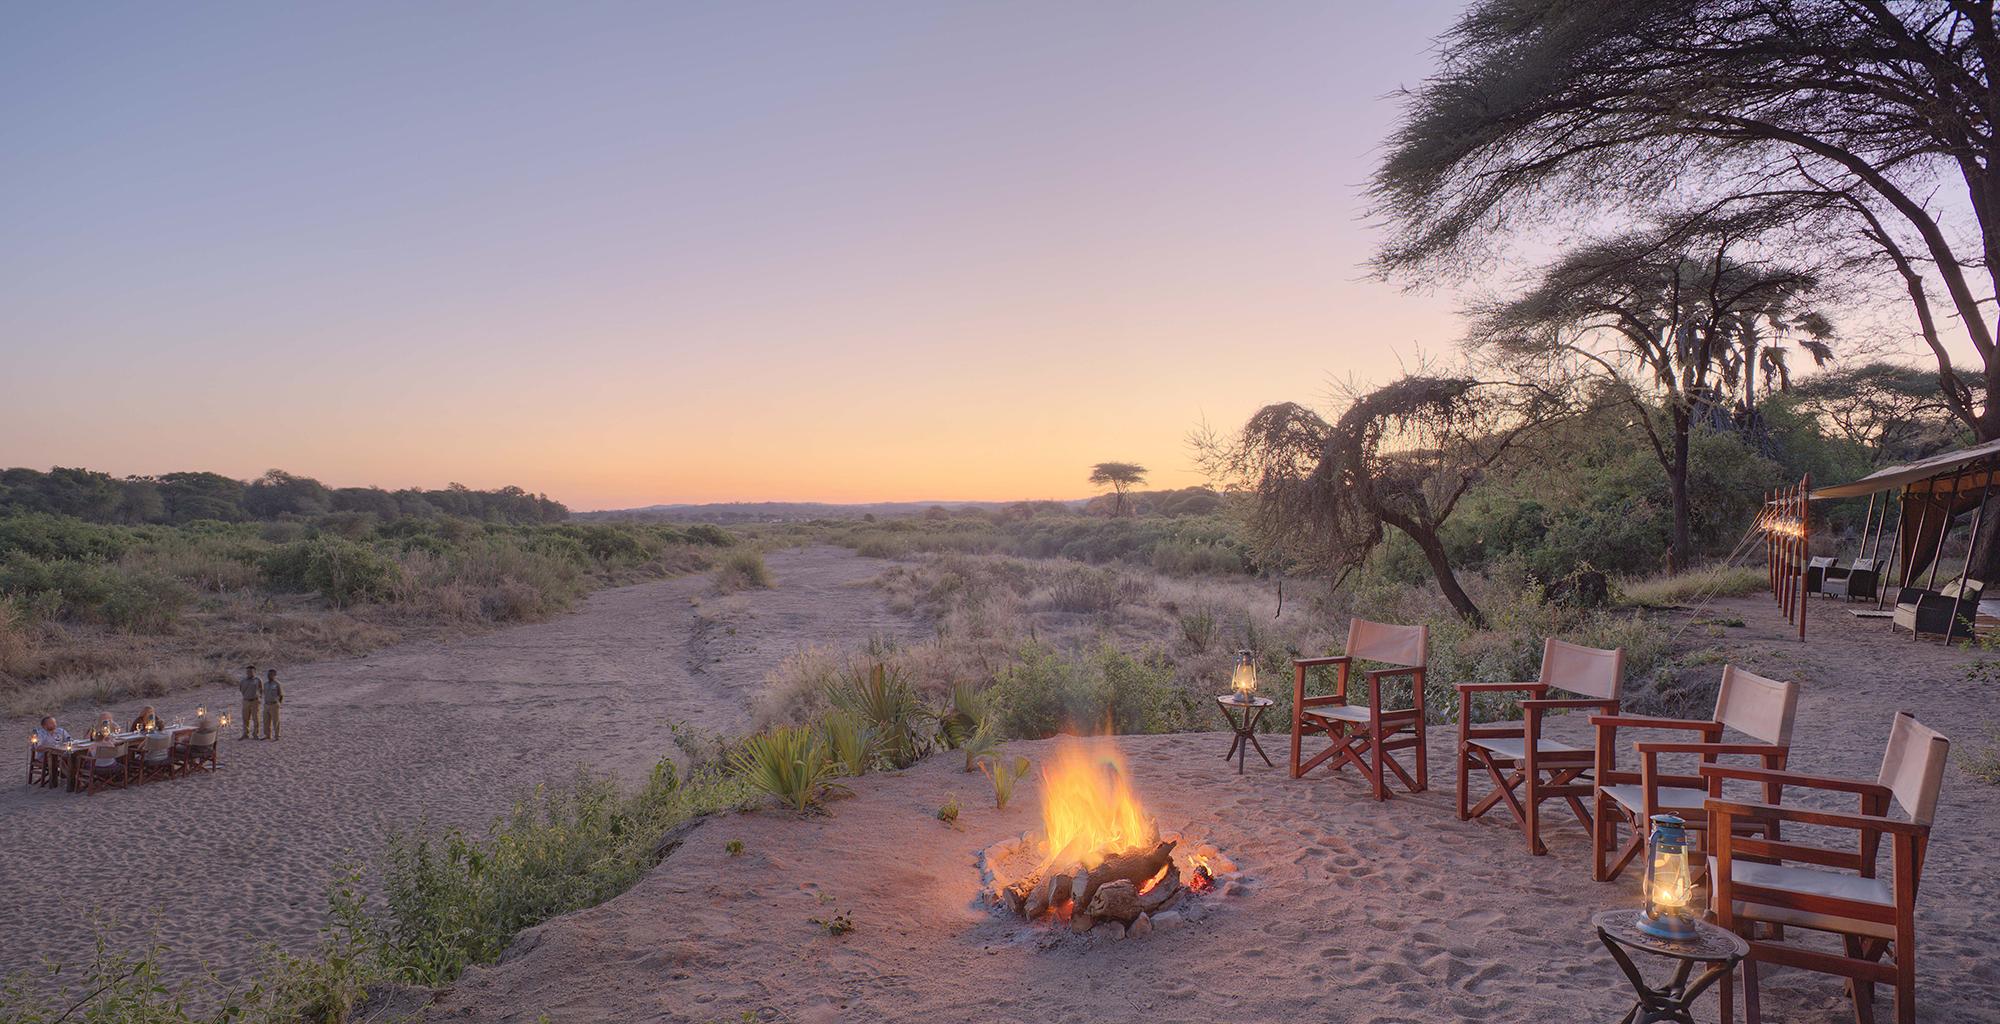 Tanzania-Kichaka-Expeditions-Campfire